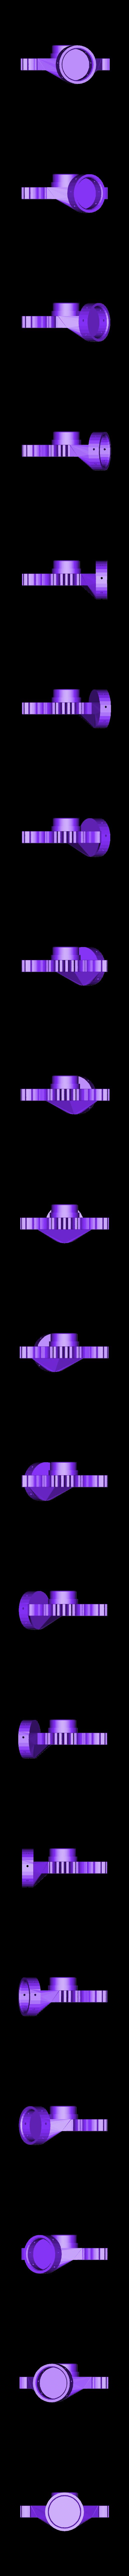 gear_base.stl Télécharger fichier STL gratuit RoboDog v1.0 • Modèle pour imprimante 3D, robolab19